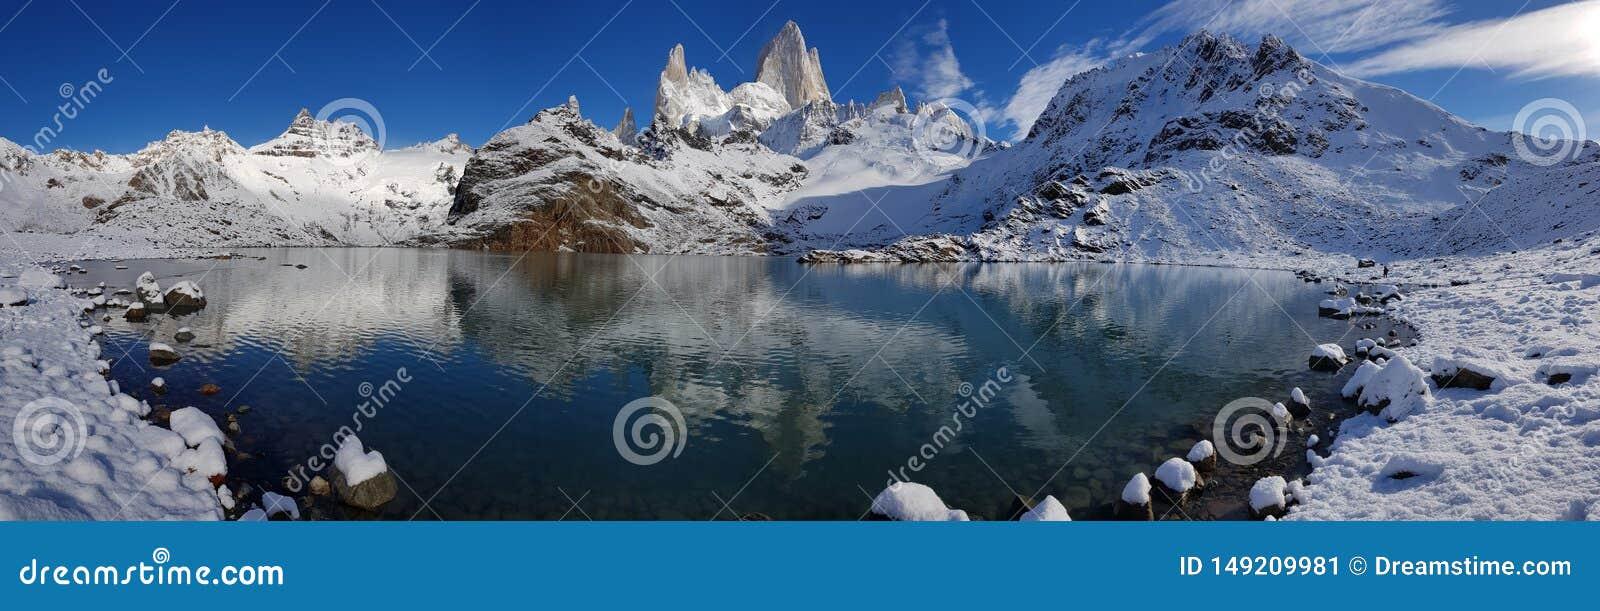 Fitz Roy-berg dichtbij Gr Chalten, in Zuidelijk Patagoni?, op de grens tussen Argentini? en Chili De mening van de winter